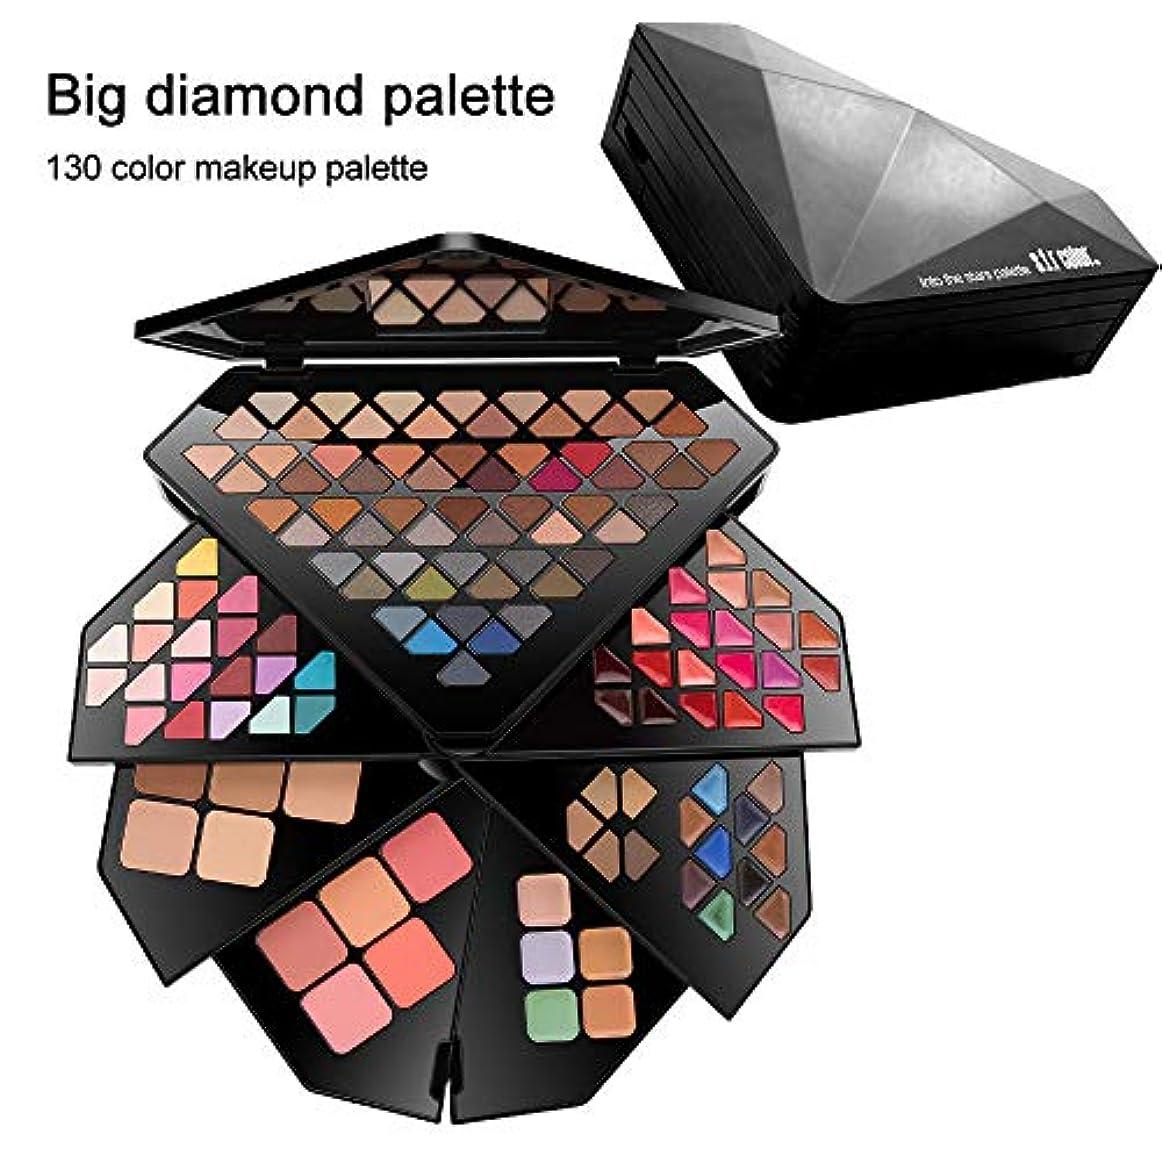 精査するすみません炭水化物Akane メイクパレット S.F.R COLOR ファッション 人気 フルコレクション 魅力的 ダイヤモンド 綺麗 キラキラ 防水 長持ち マット おしゃれ チャーム 落としにくい 持ち便利 (130色) 55